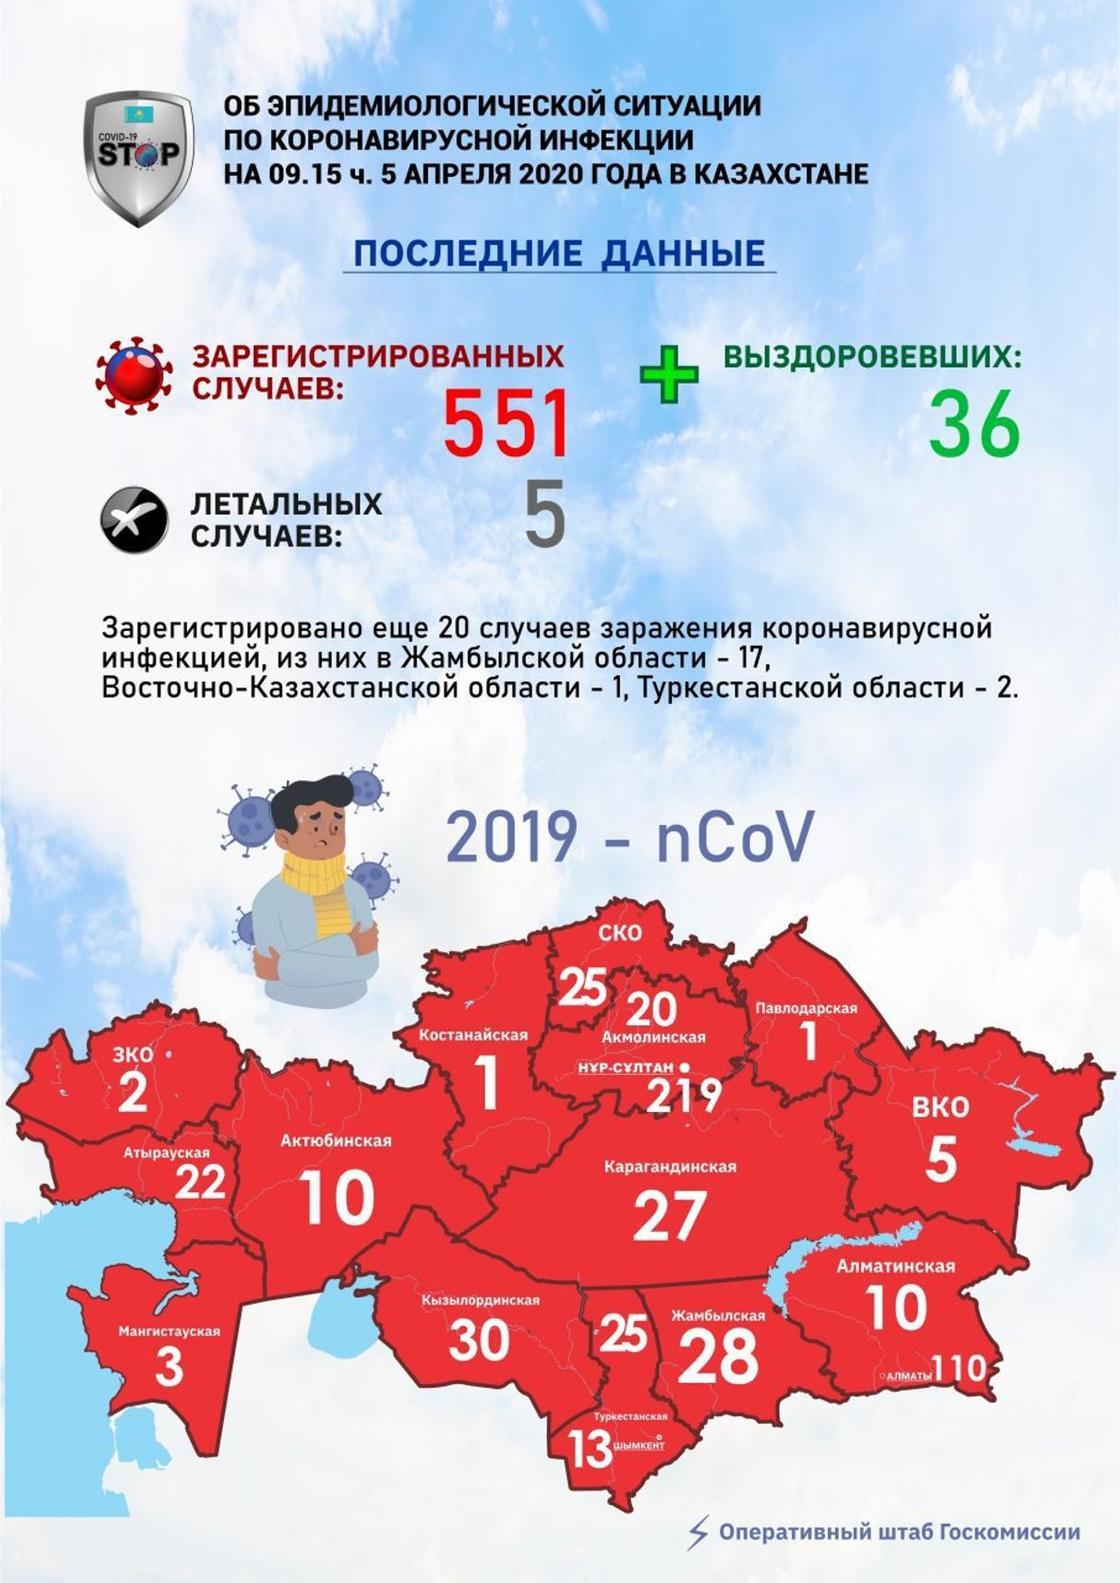 Еще 20 случаев коронавируса в Казахстане: статистика на утро 5 апреля